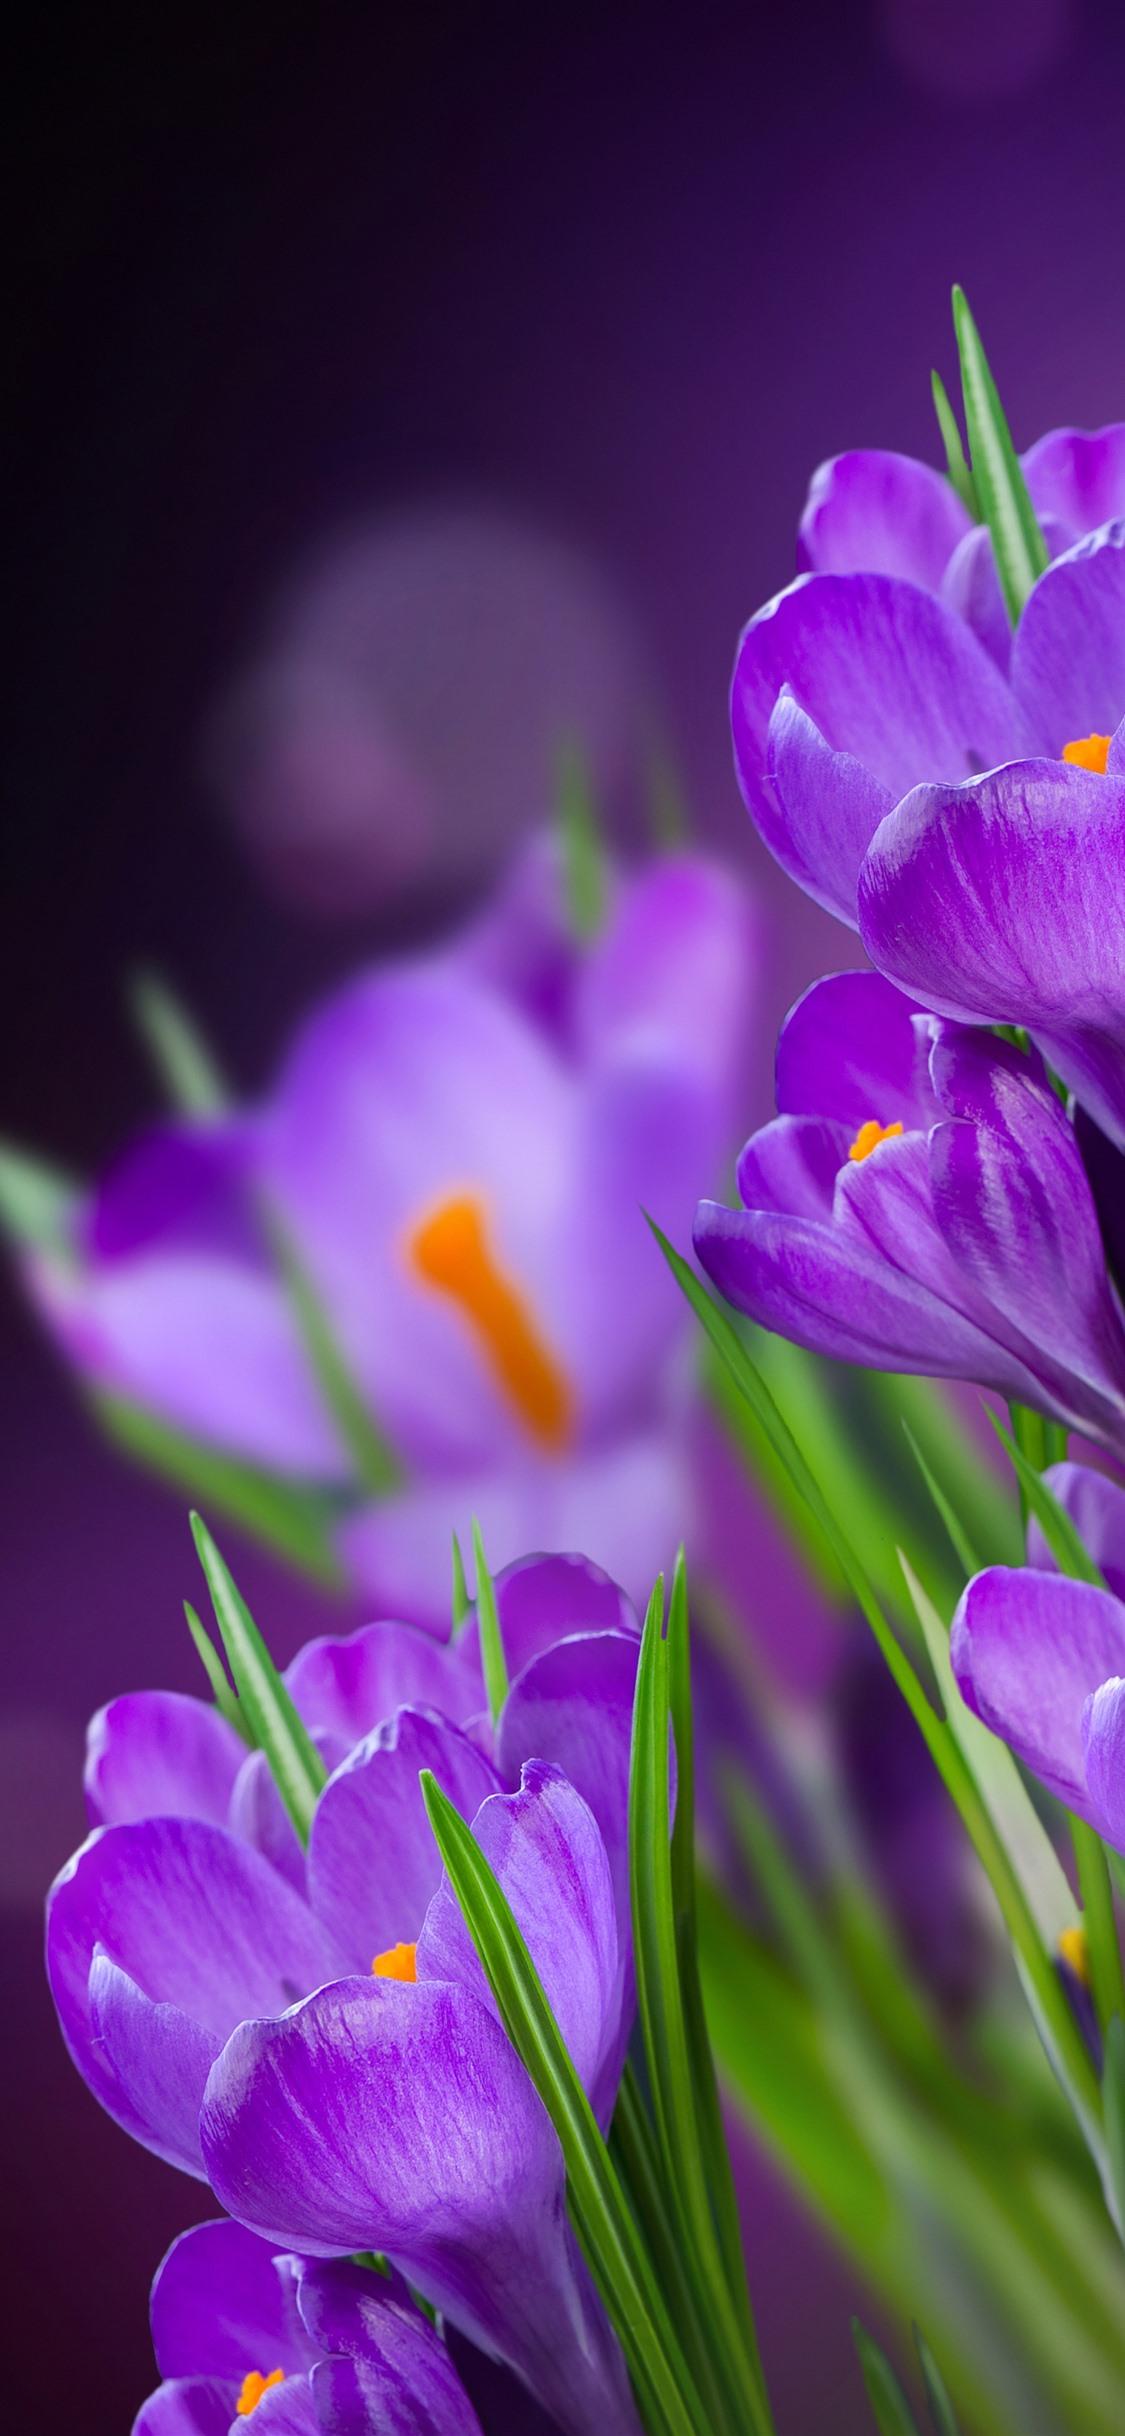 紫色の花 クロッカス かすんでいる背景 1242x26 Iphone 11 Pro Xs Max 壁紙 背景 画像